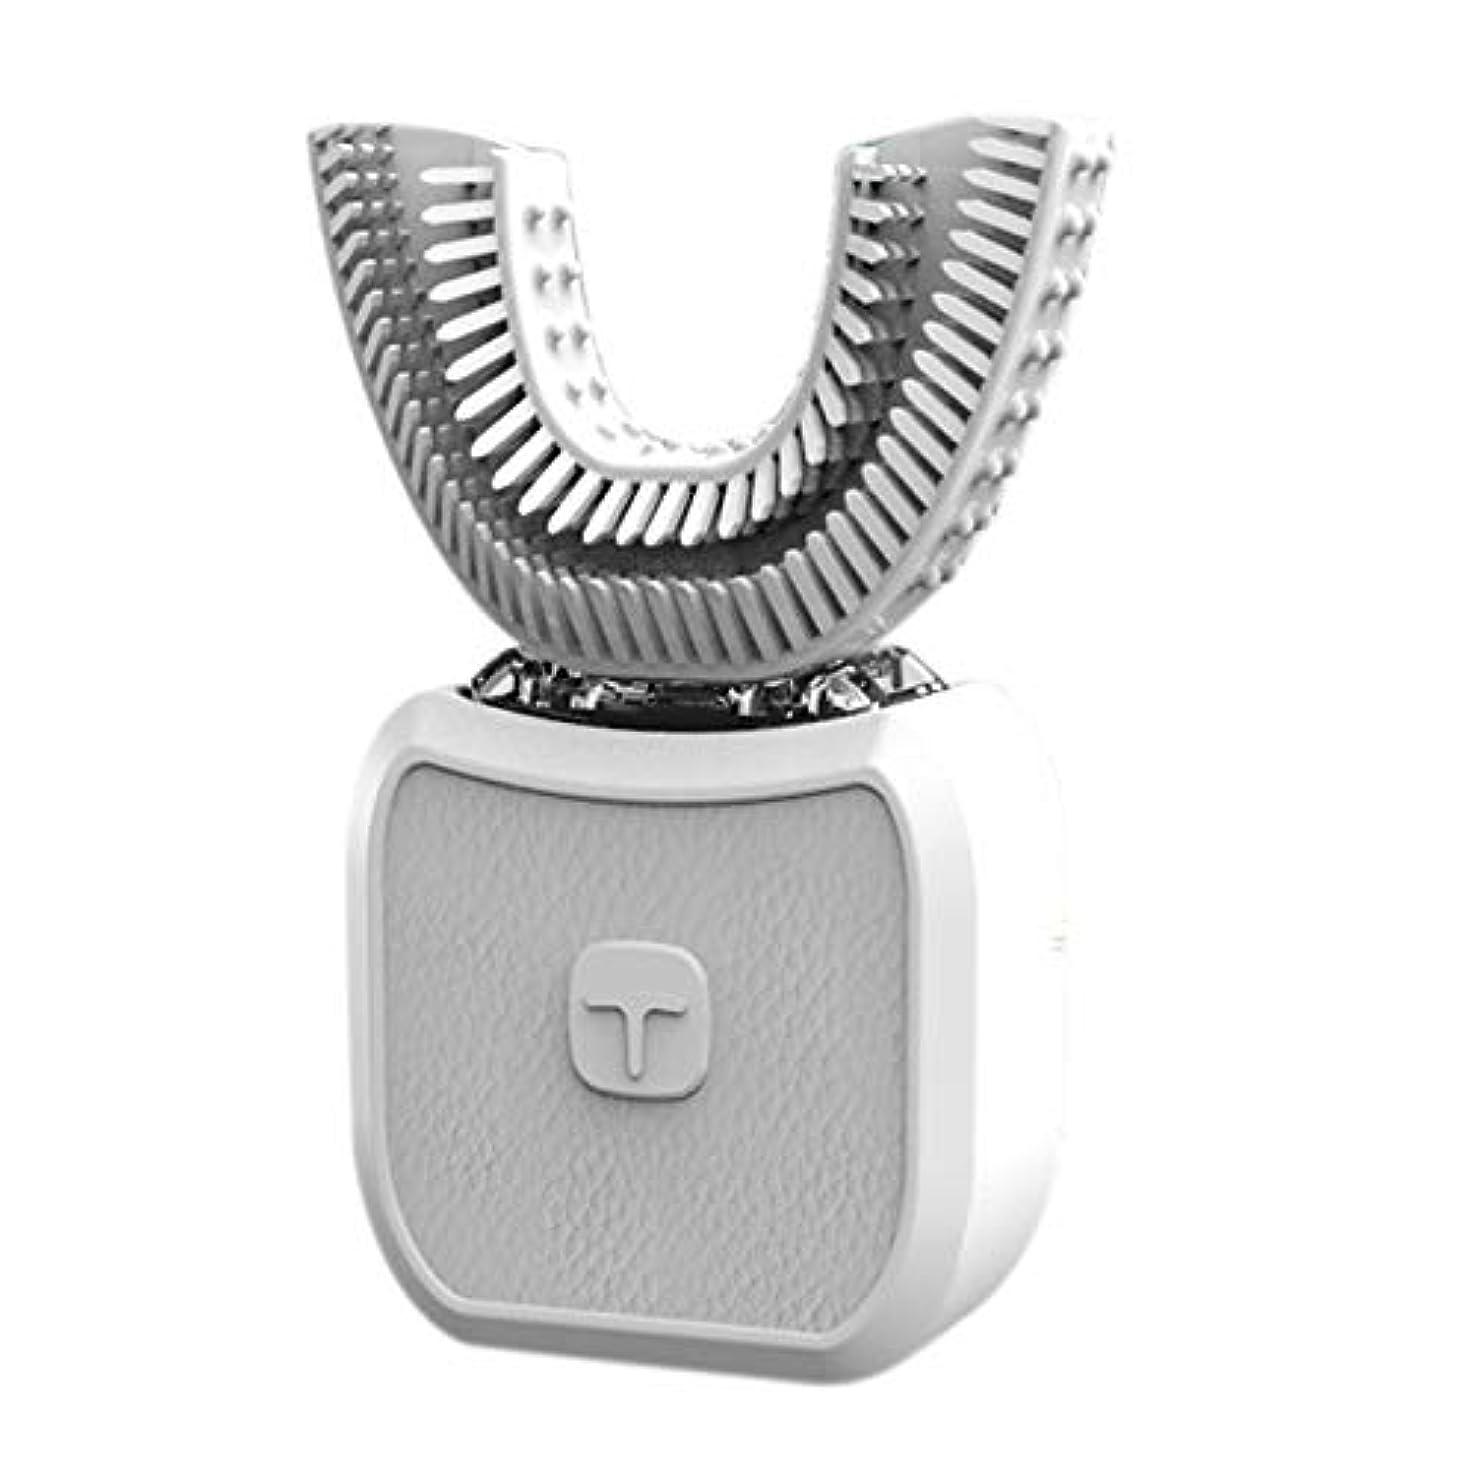 印刷する休戦リンスフルオートマチック可変周波数電動歯ブラシ、自動360度U字型電動歯ブラシ、ワイヤレス充電IPX7防水自動歯ブラシ(大人用),White